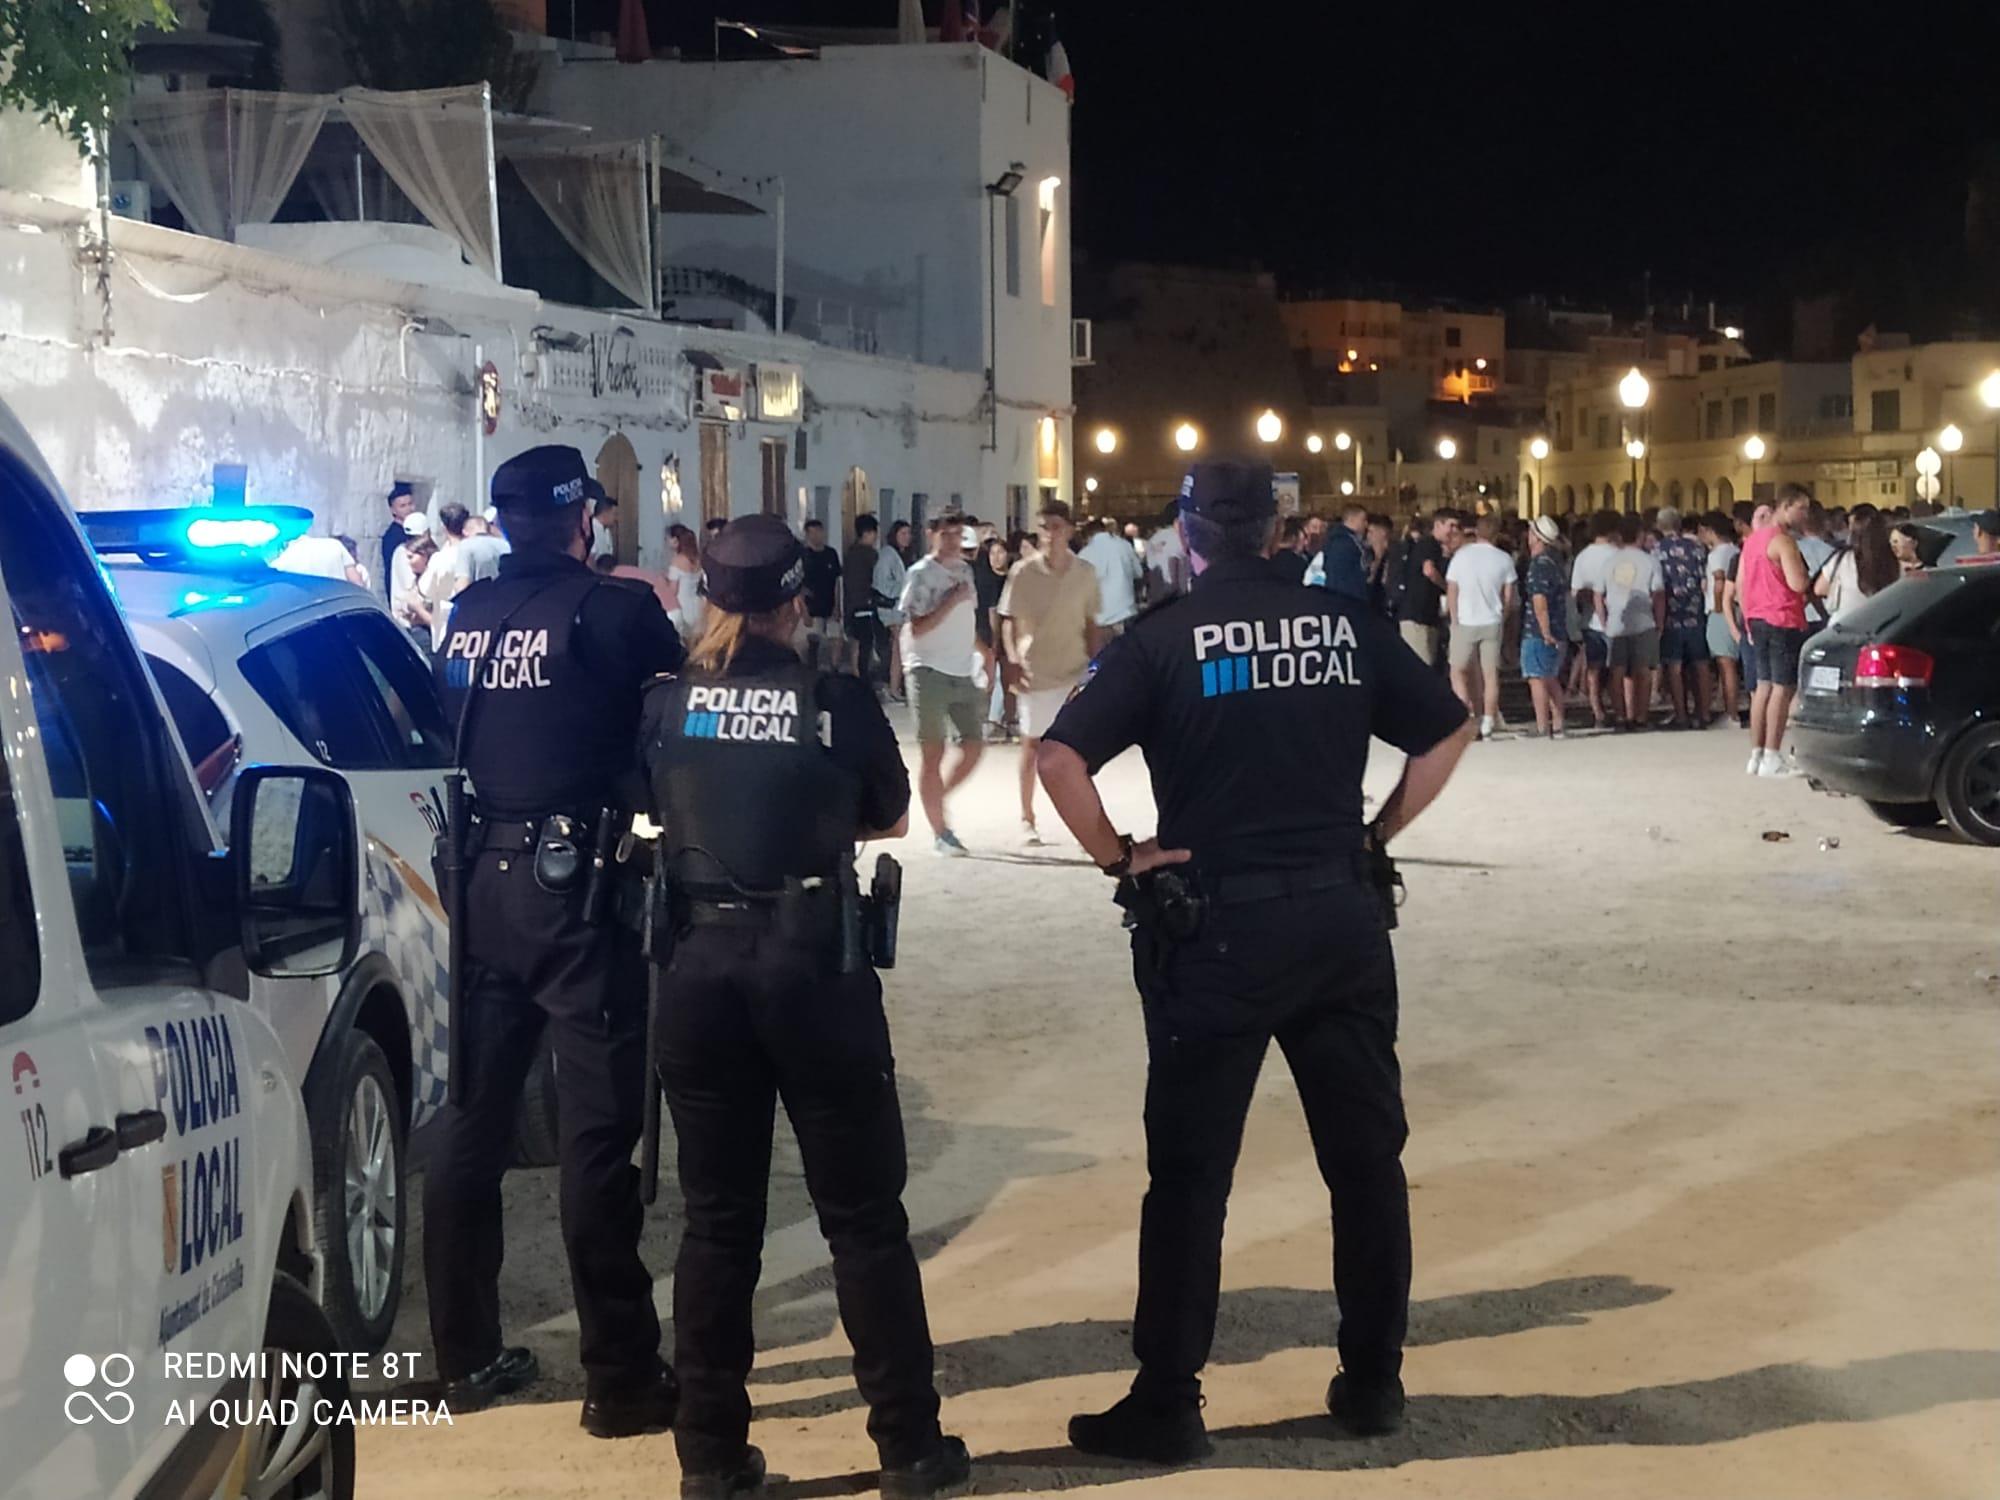 La Policia Local tanca el mes d'agost amb un balanç de més de 2.000 serveis realitzats en el conjunt dels torns